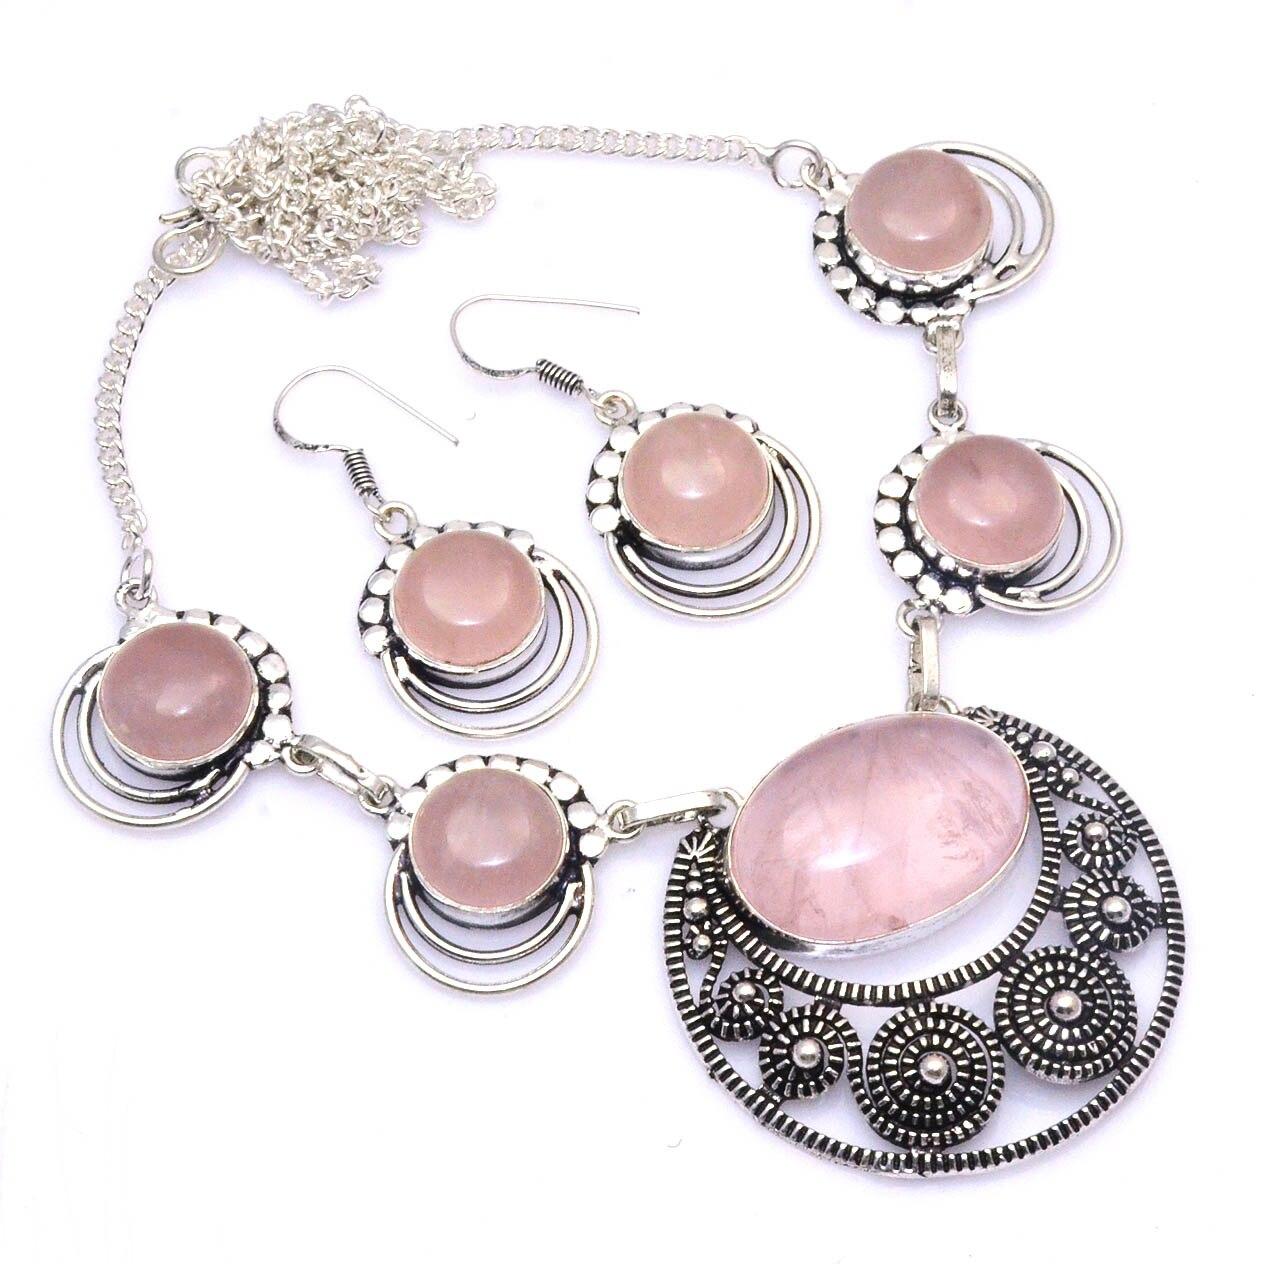 Подлинное ожерелье из розового кварца колошения серебряные накладки на Медь, 49 см, N4519|Ожерелья с подвеской| | АлиЭкспресс